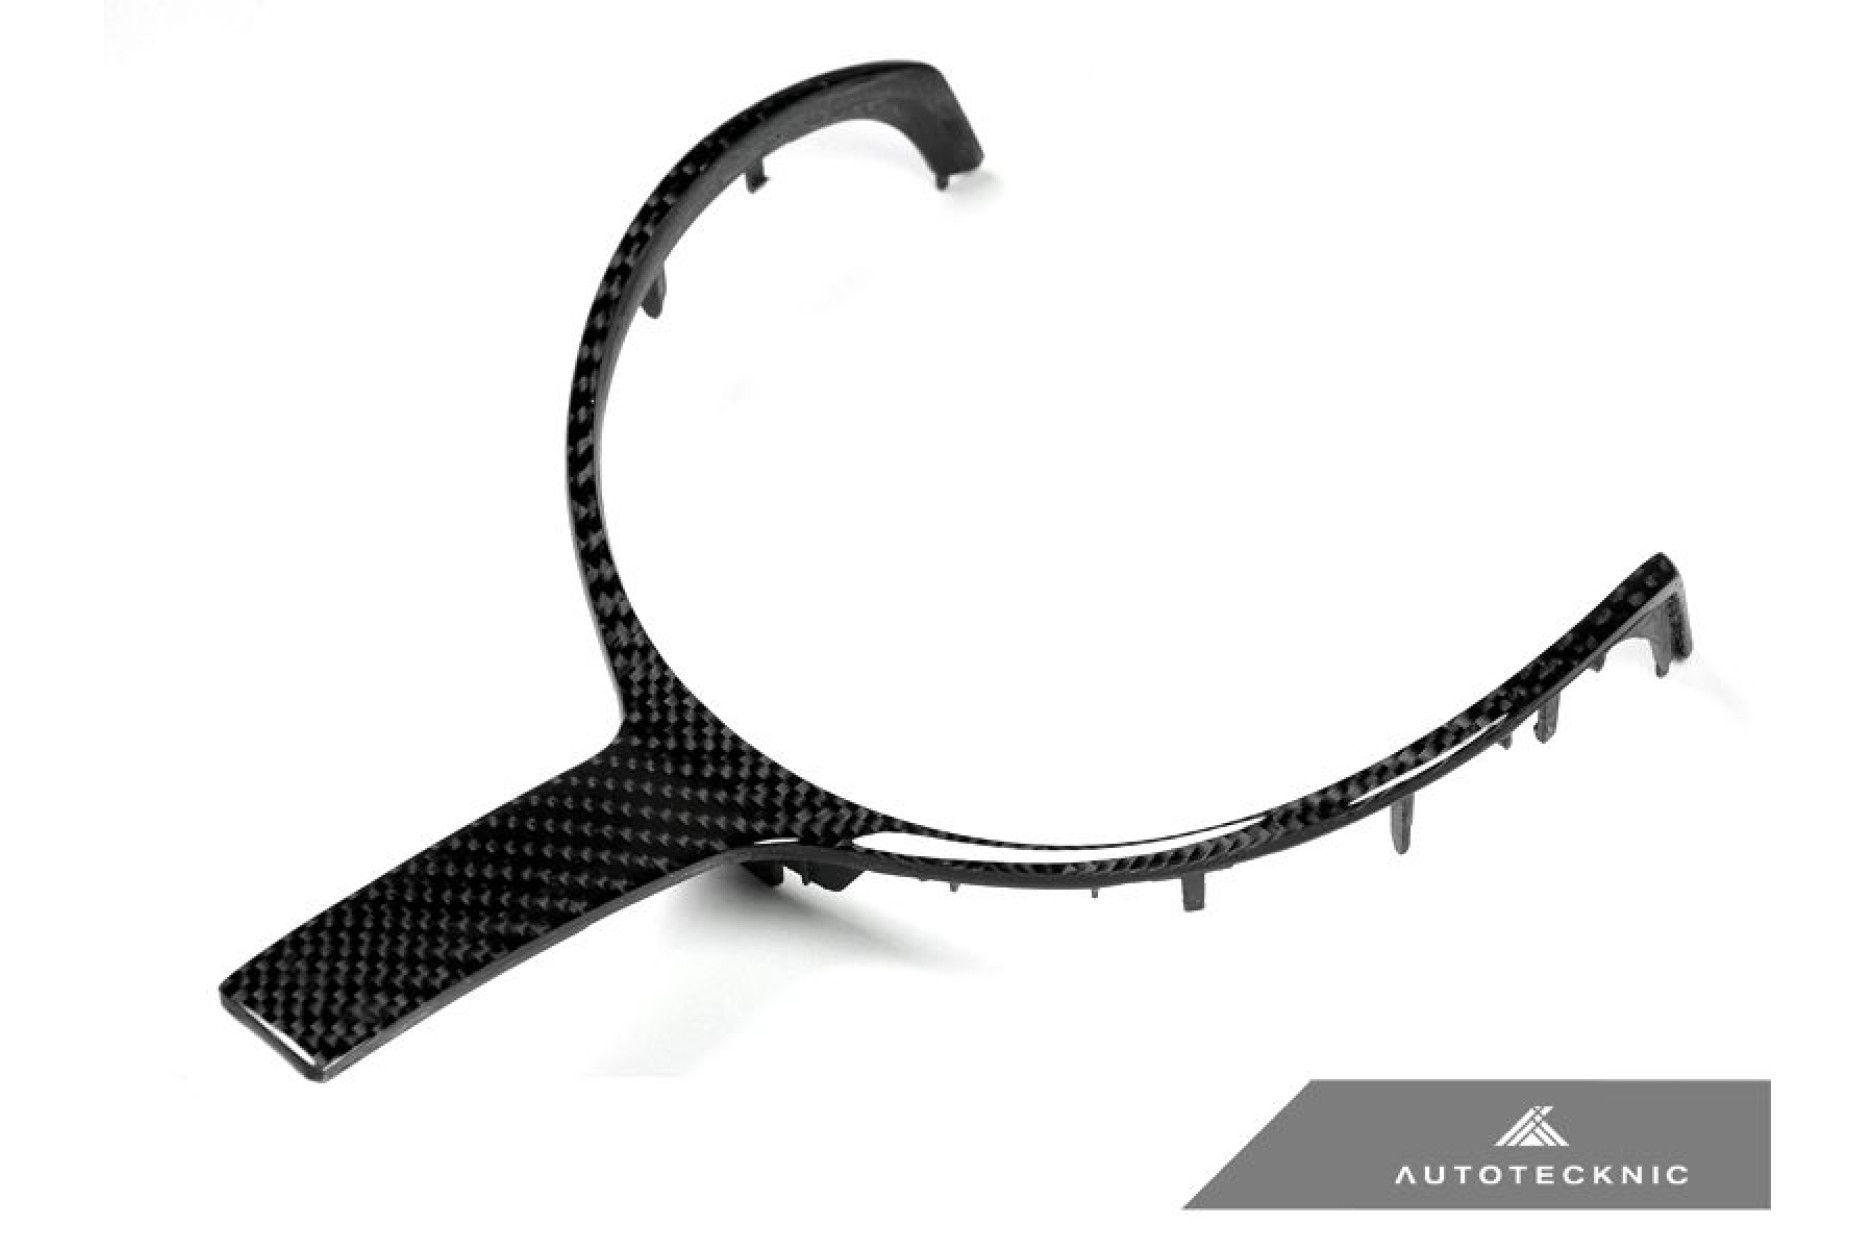 AutoTecknic Carbon M-Sport Lenkrad-Dekorblende - F30 & F31 M-Sport / F10 M5 LCI / F12 M6 / F15 X5 M-Sport